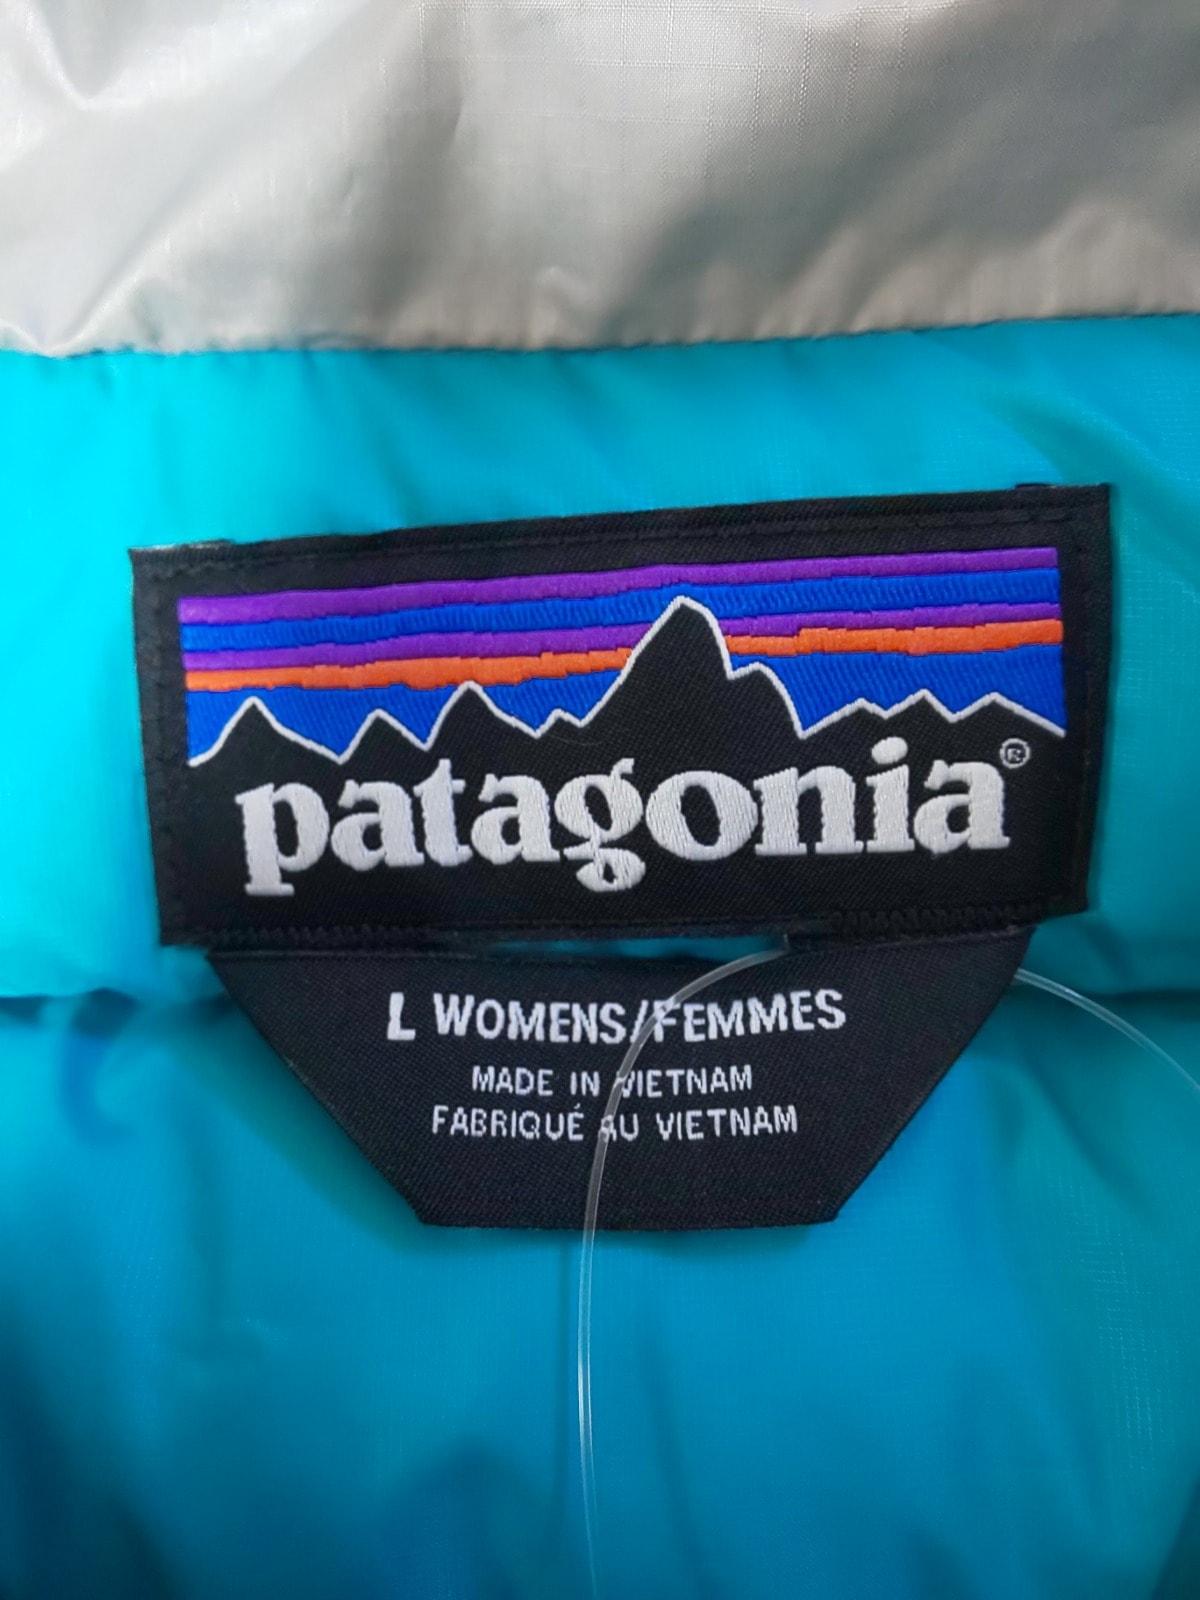 Patagonia(パタゴニア)のダウン・セーター・ベスト